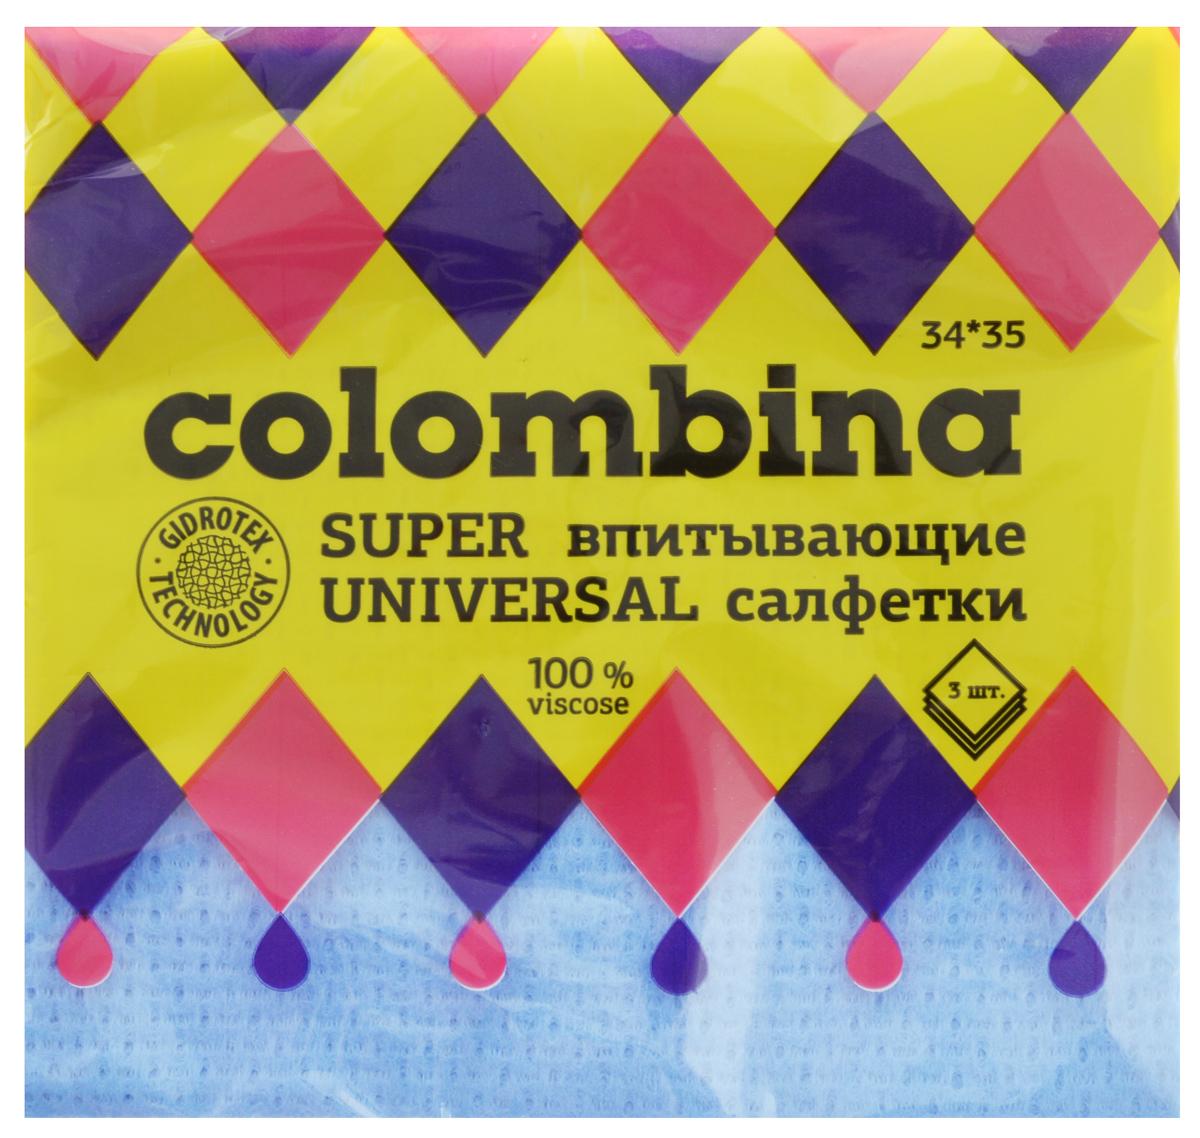 Набор салфеток Colombina Universal, супервпитывающие, цвет: голубой, 34 х 35 см, 3 шт234100Салфетки Colombina Universal состоят из 100% вискозы без добавления синтетики. Изделия предназначены для сухой и влажной уборки. Отлично впитывают жидкости, жиры, масла. Пригодны для многоразового использования, долговечны, не оставляют следов и ворсинок. Приятные на ощупь, не вызывают раздражения и гипоаллергенны. Размер салфетки: 34 х 35 см.